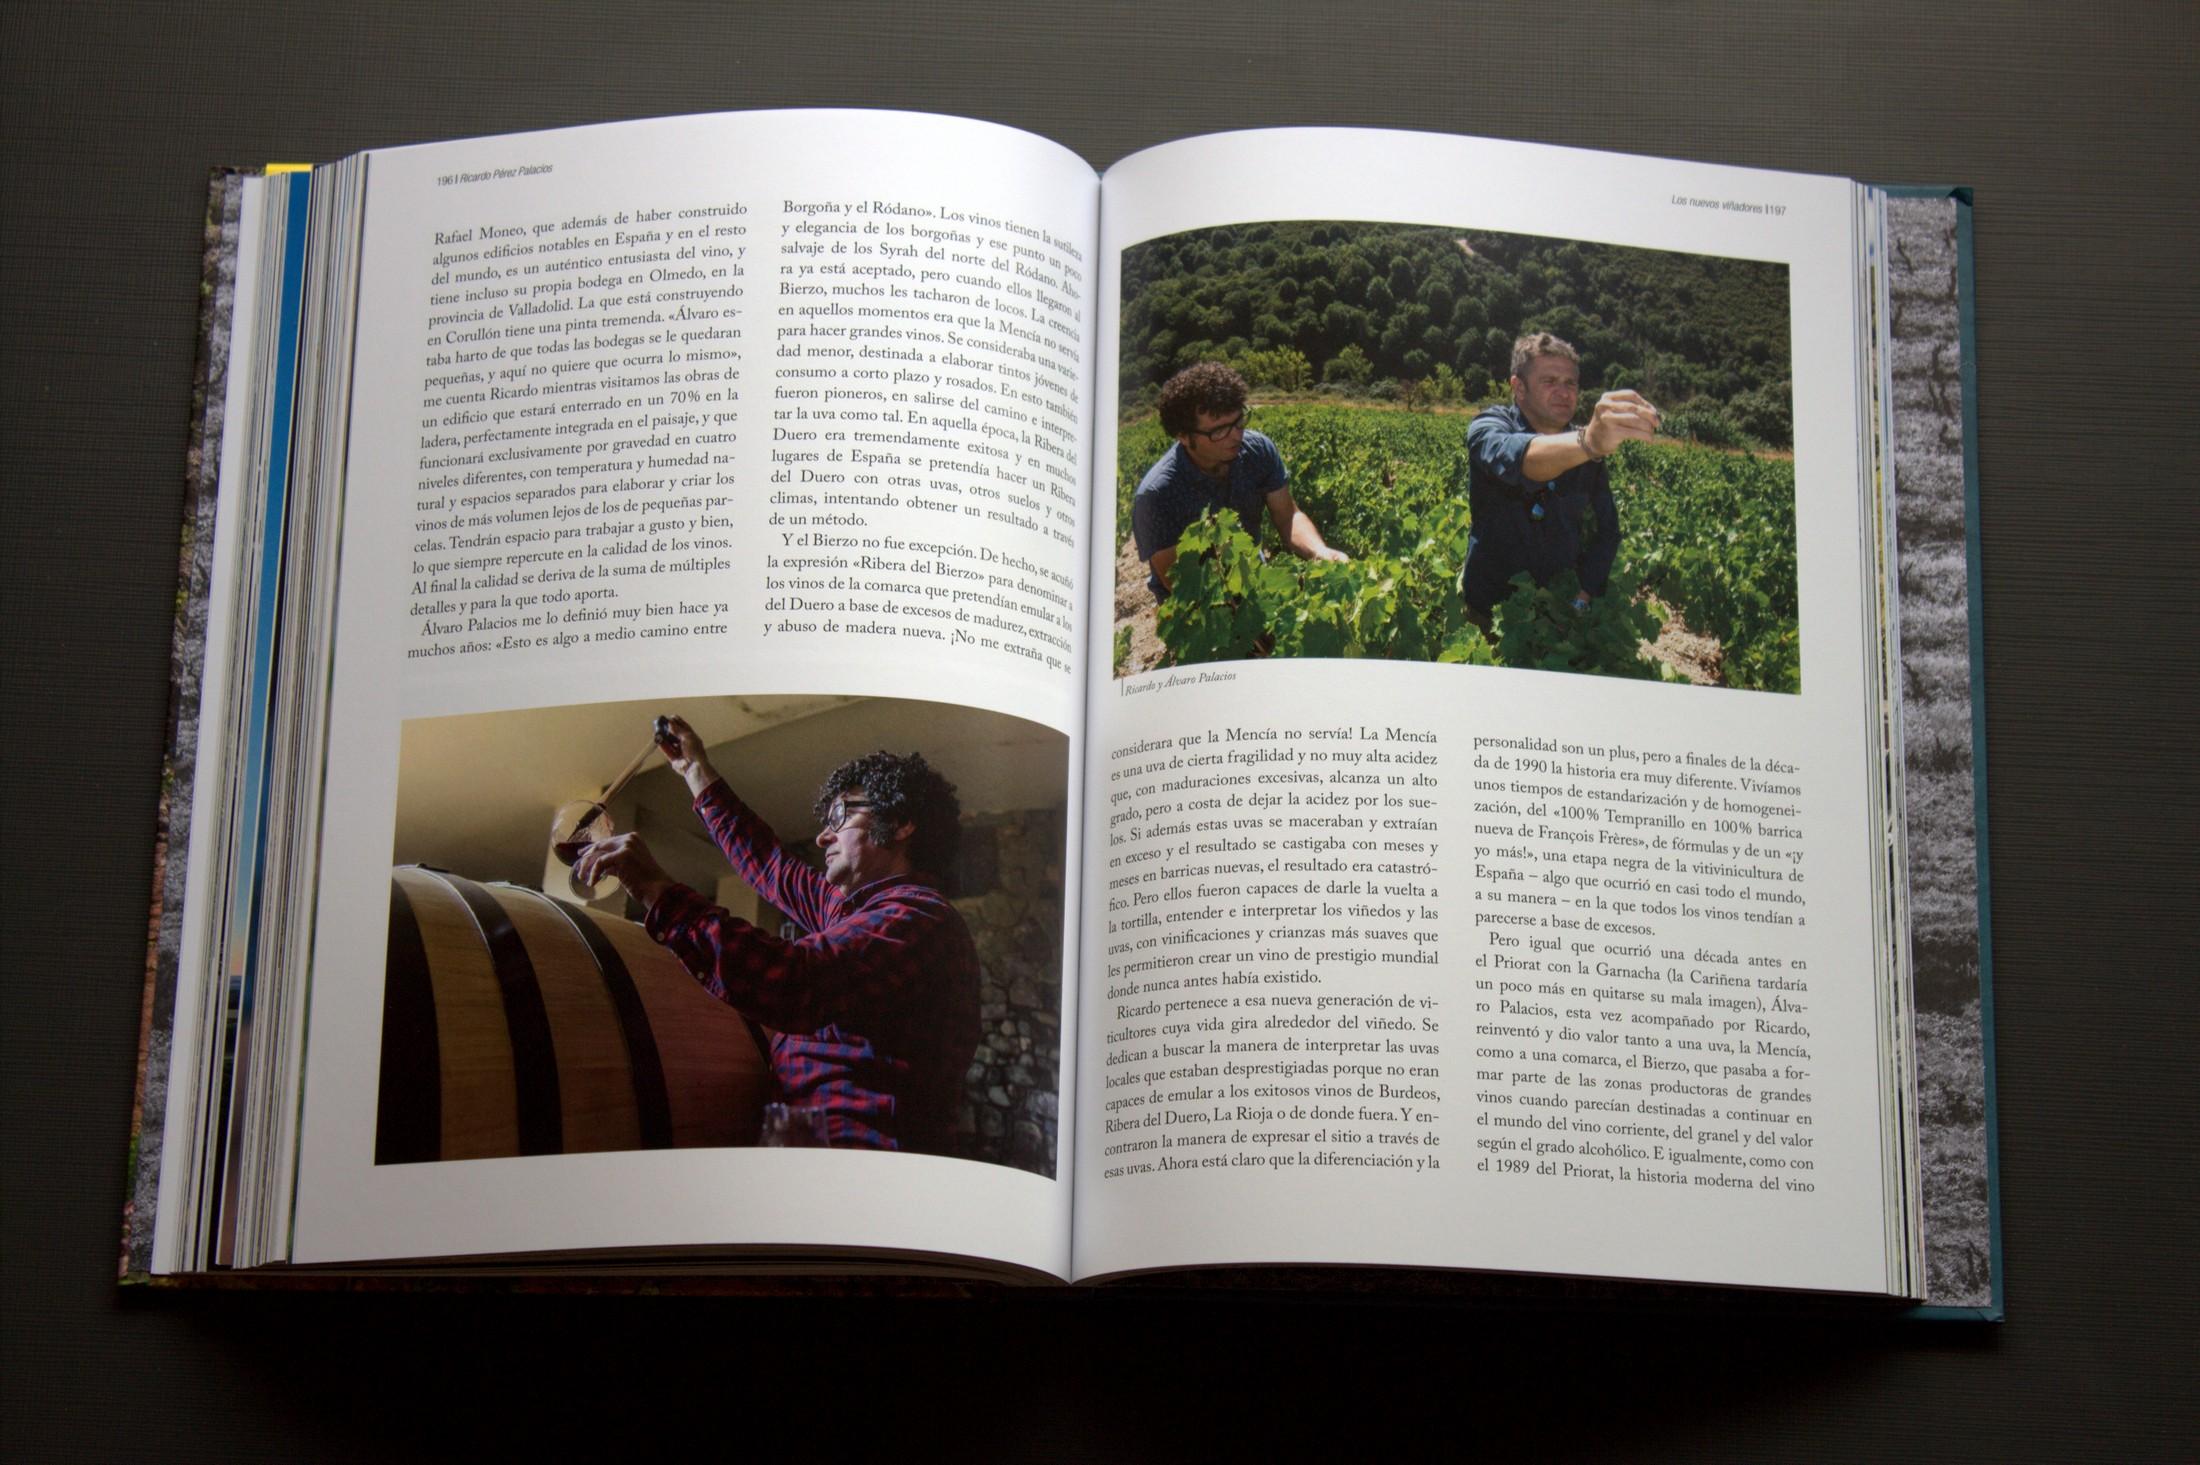 Los nuevos viñadores, una nueva generación de viticultores españoles